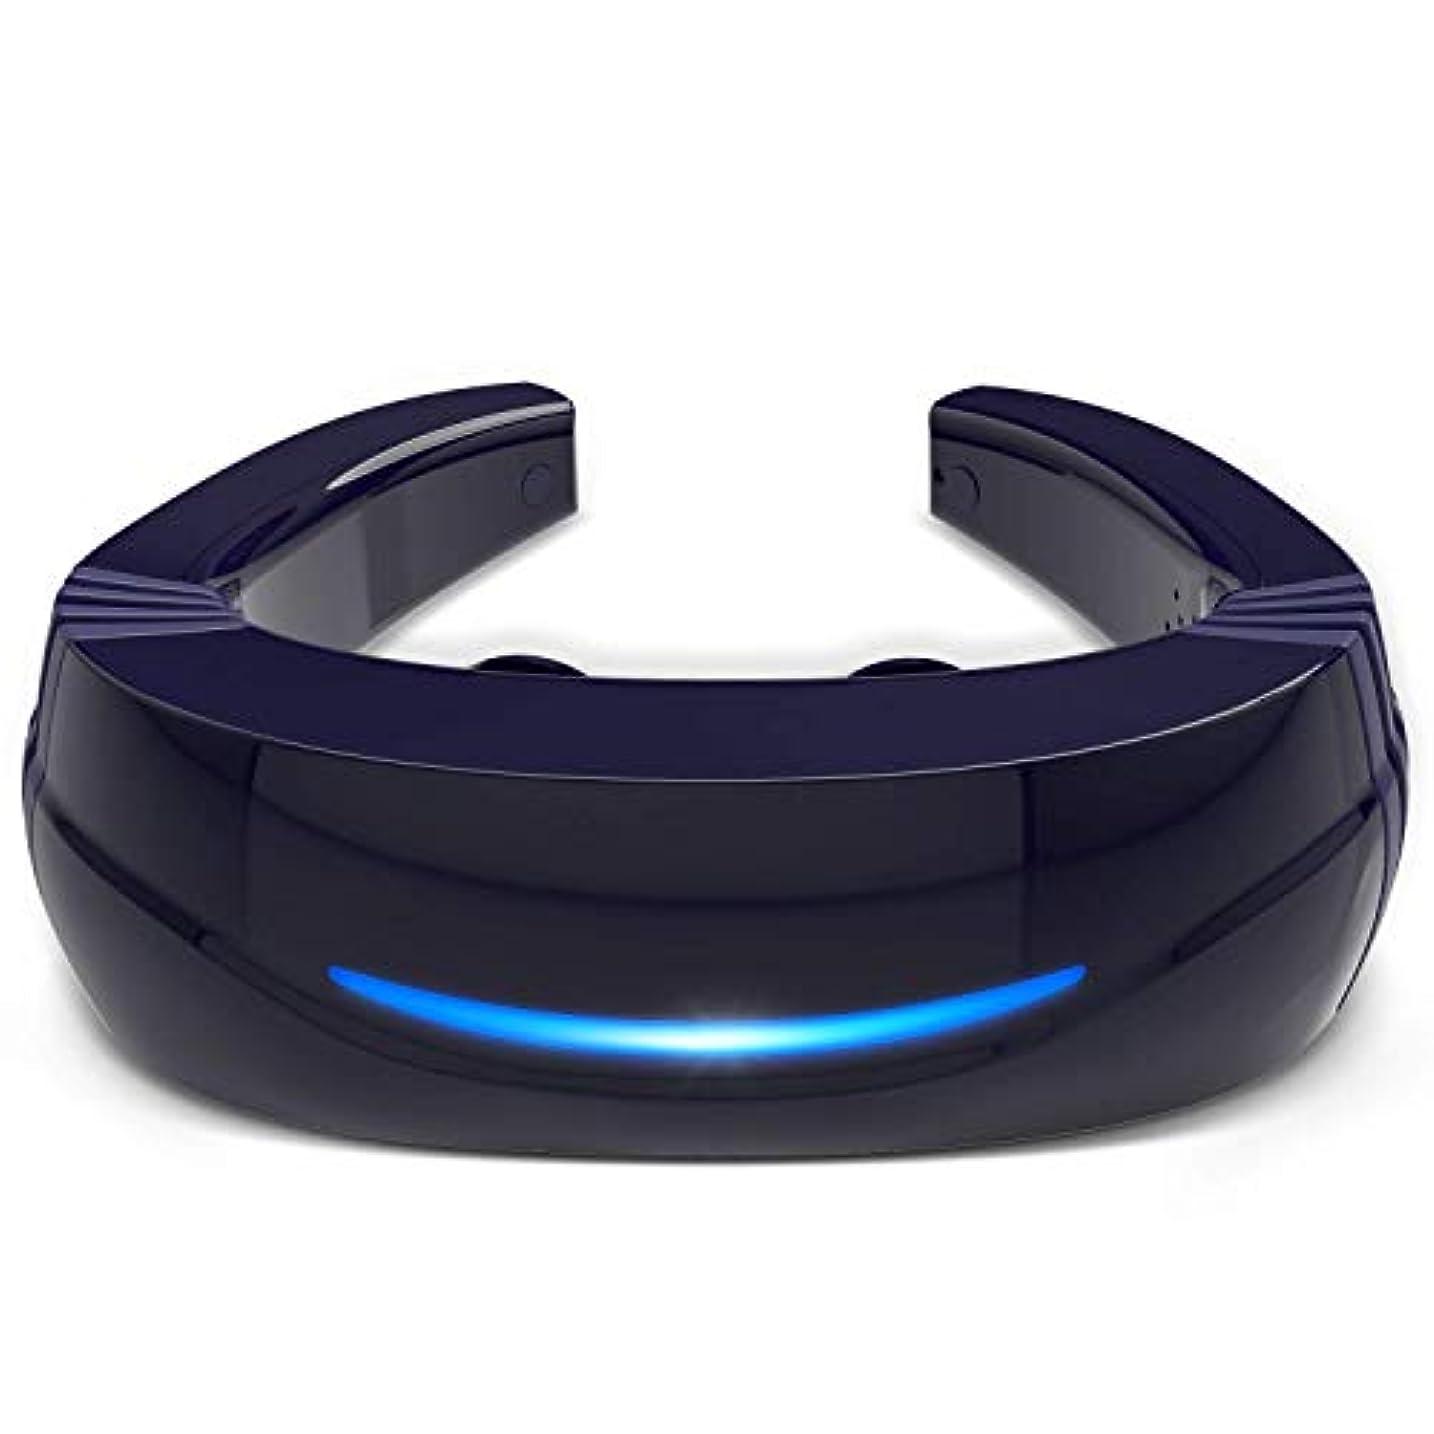 届けるパズル福祉Hipoo ネックマッサージャー 首マッサージ 低周波 マッサージ器 ストレス解消 USB充電式 日本語説明書 電極パッド2つ付き 音声式